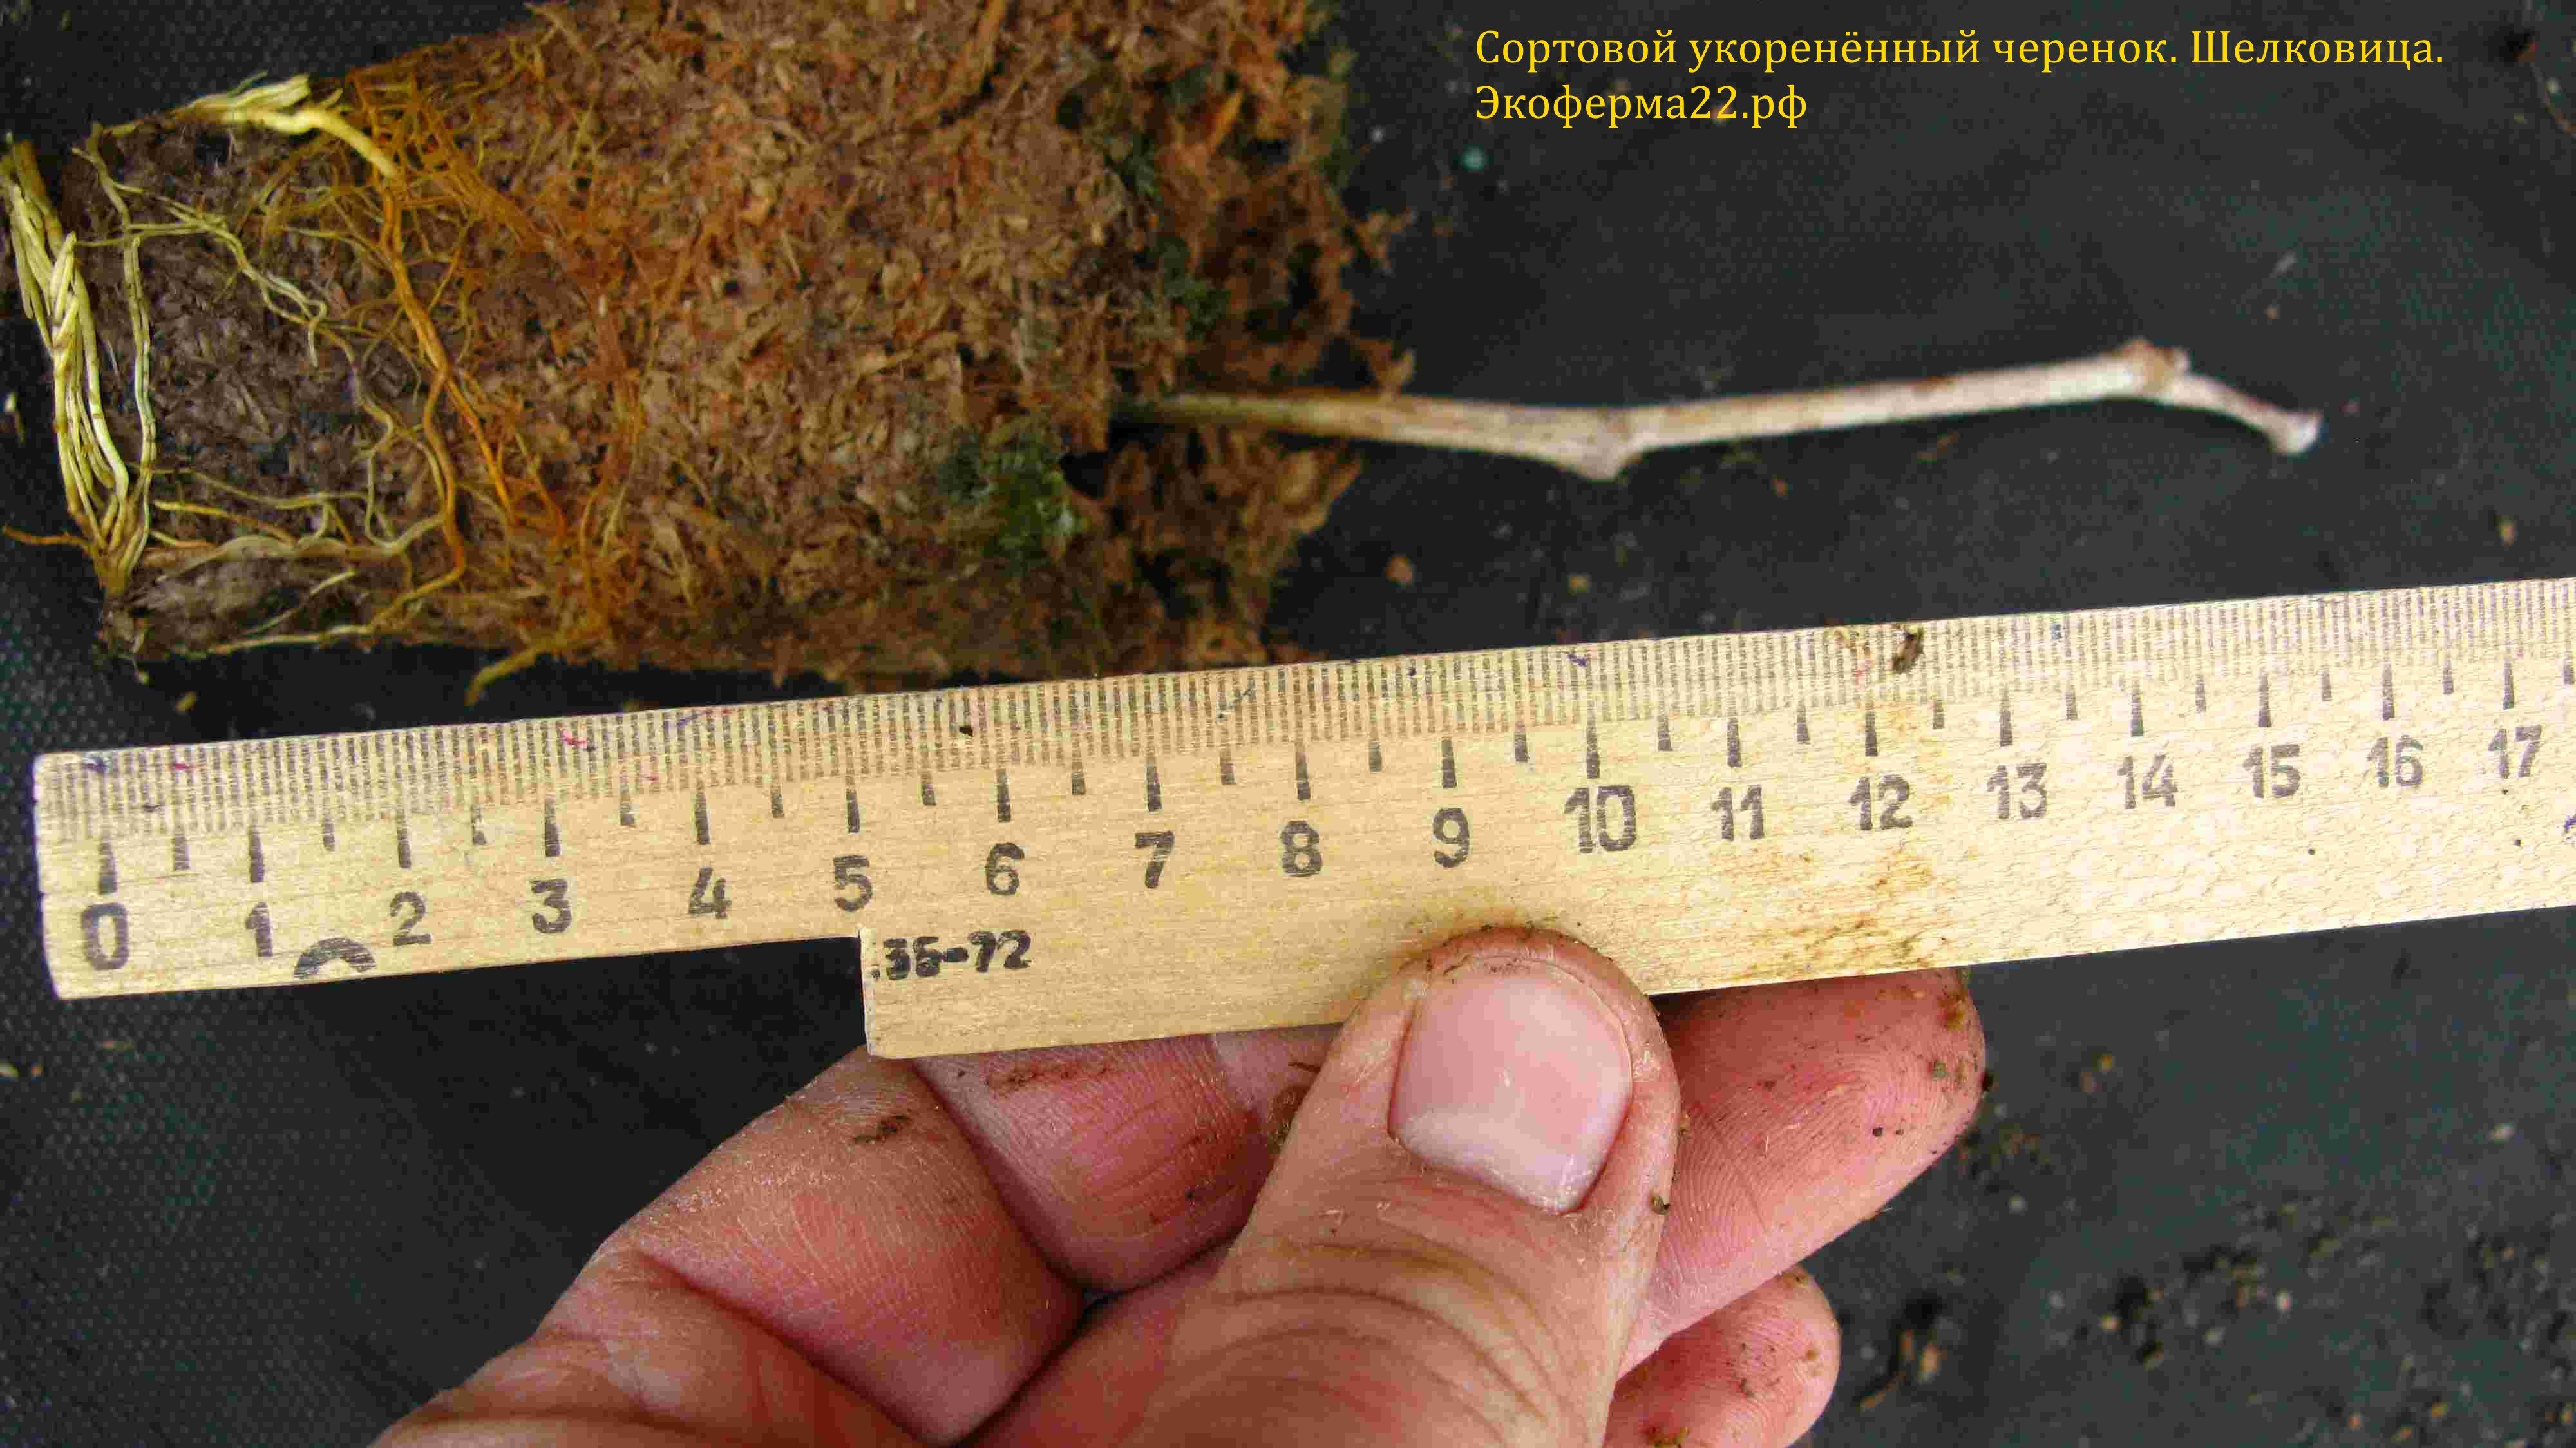 Шелковица укоренённый черенок